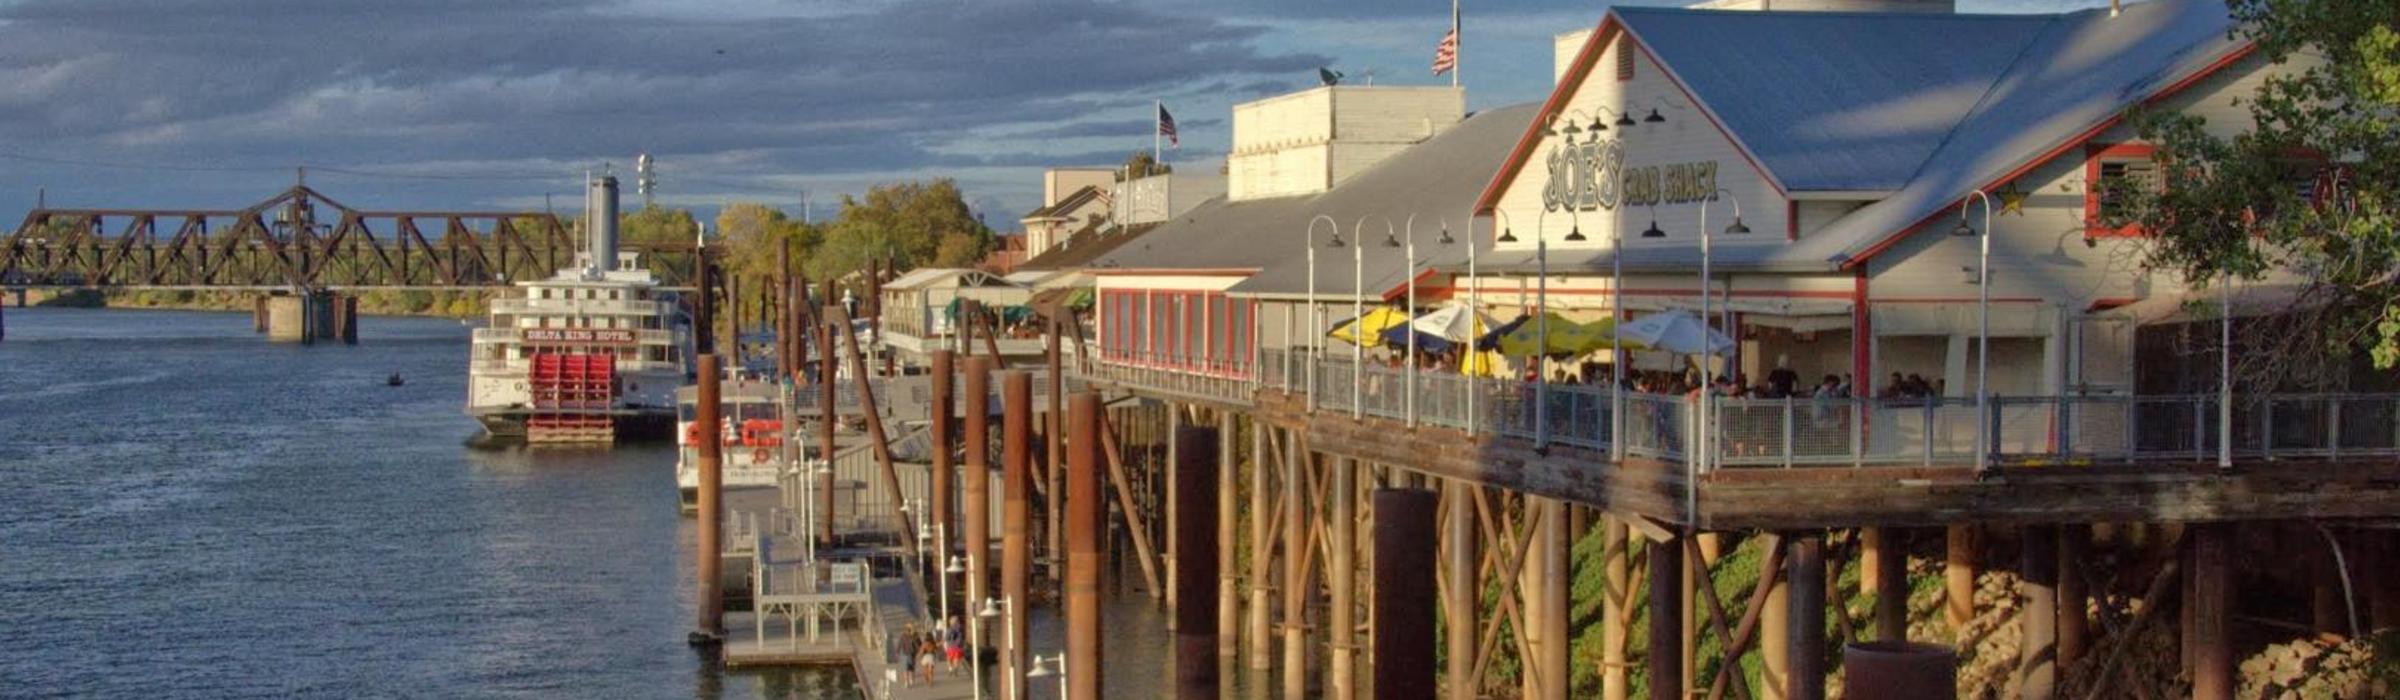 city scene-Old Sac river view